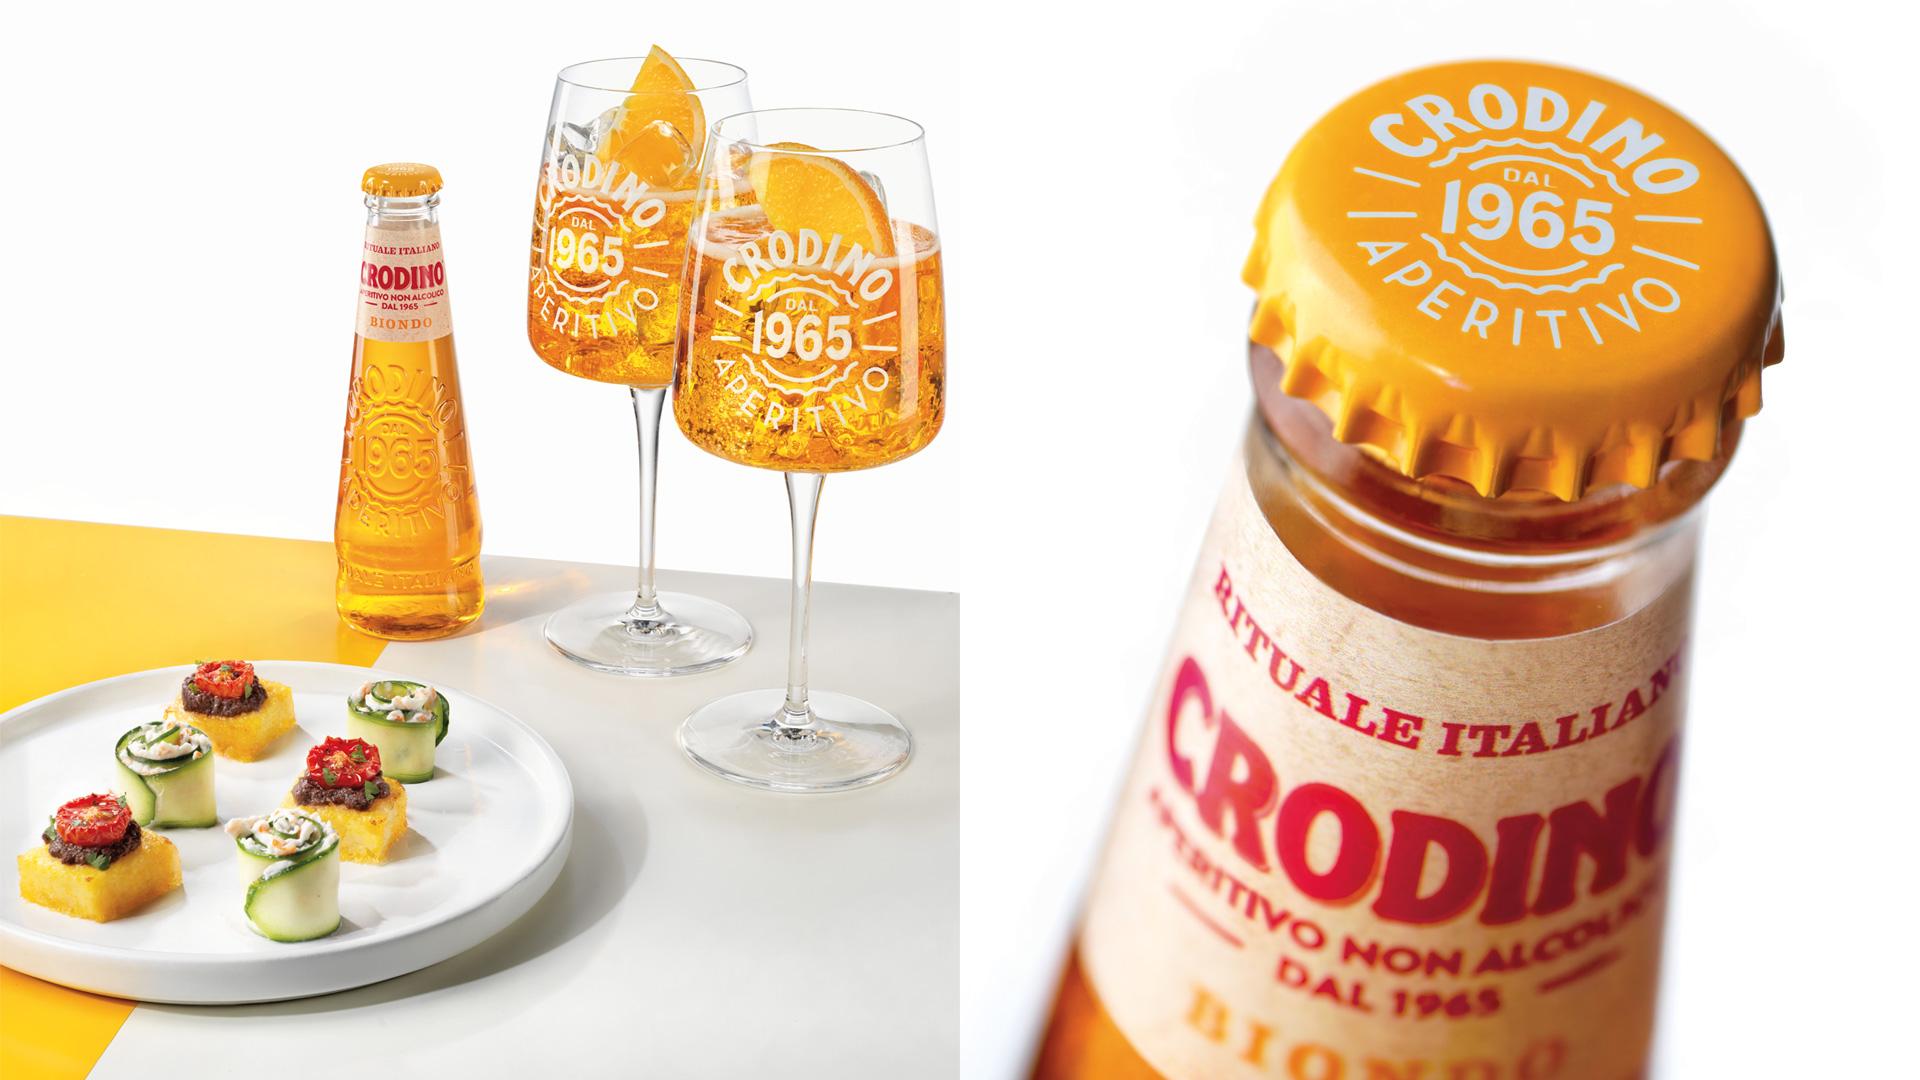 Crodino-Rba-Design-002